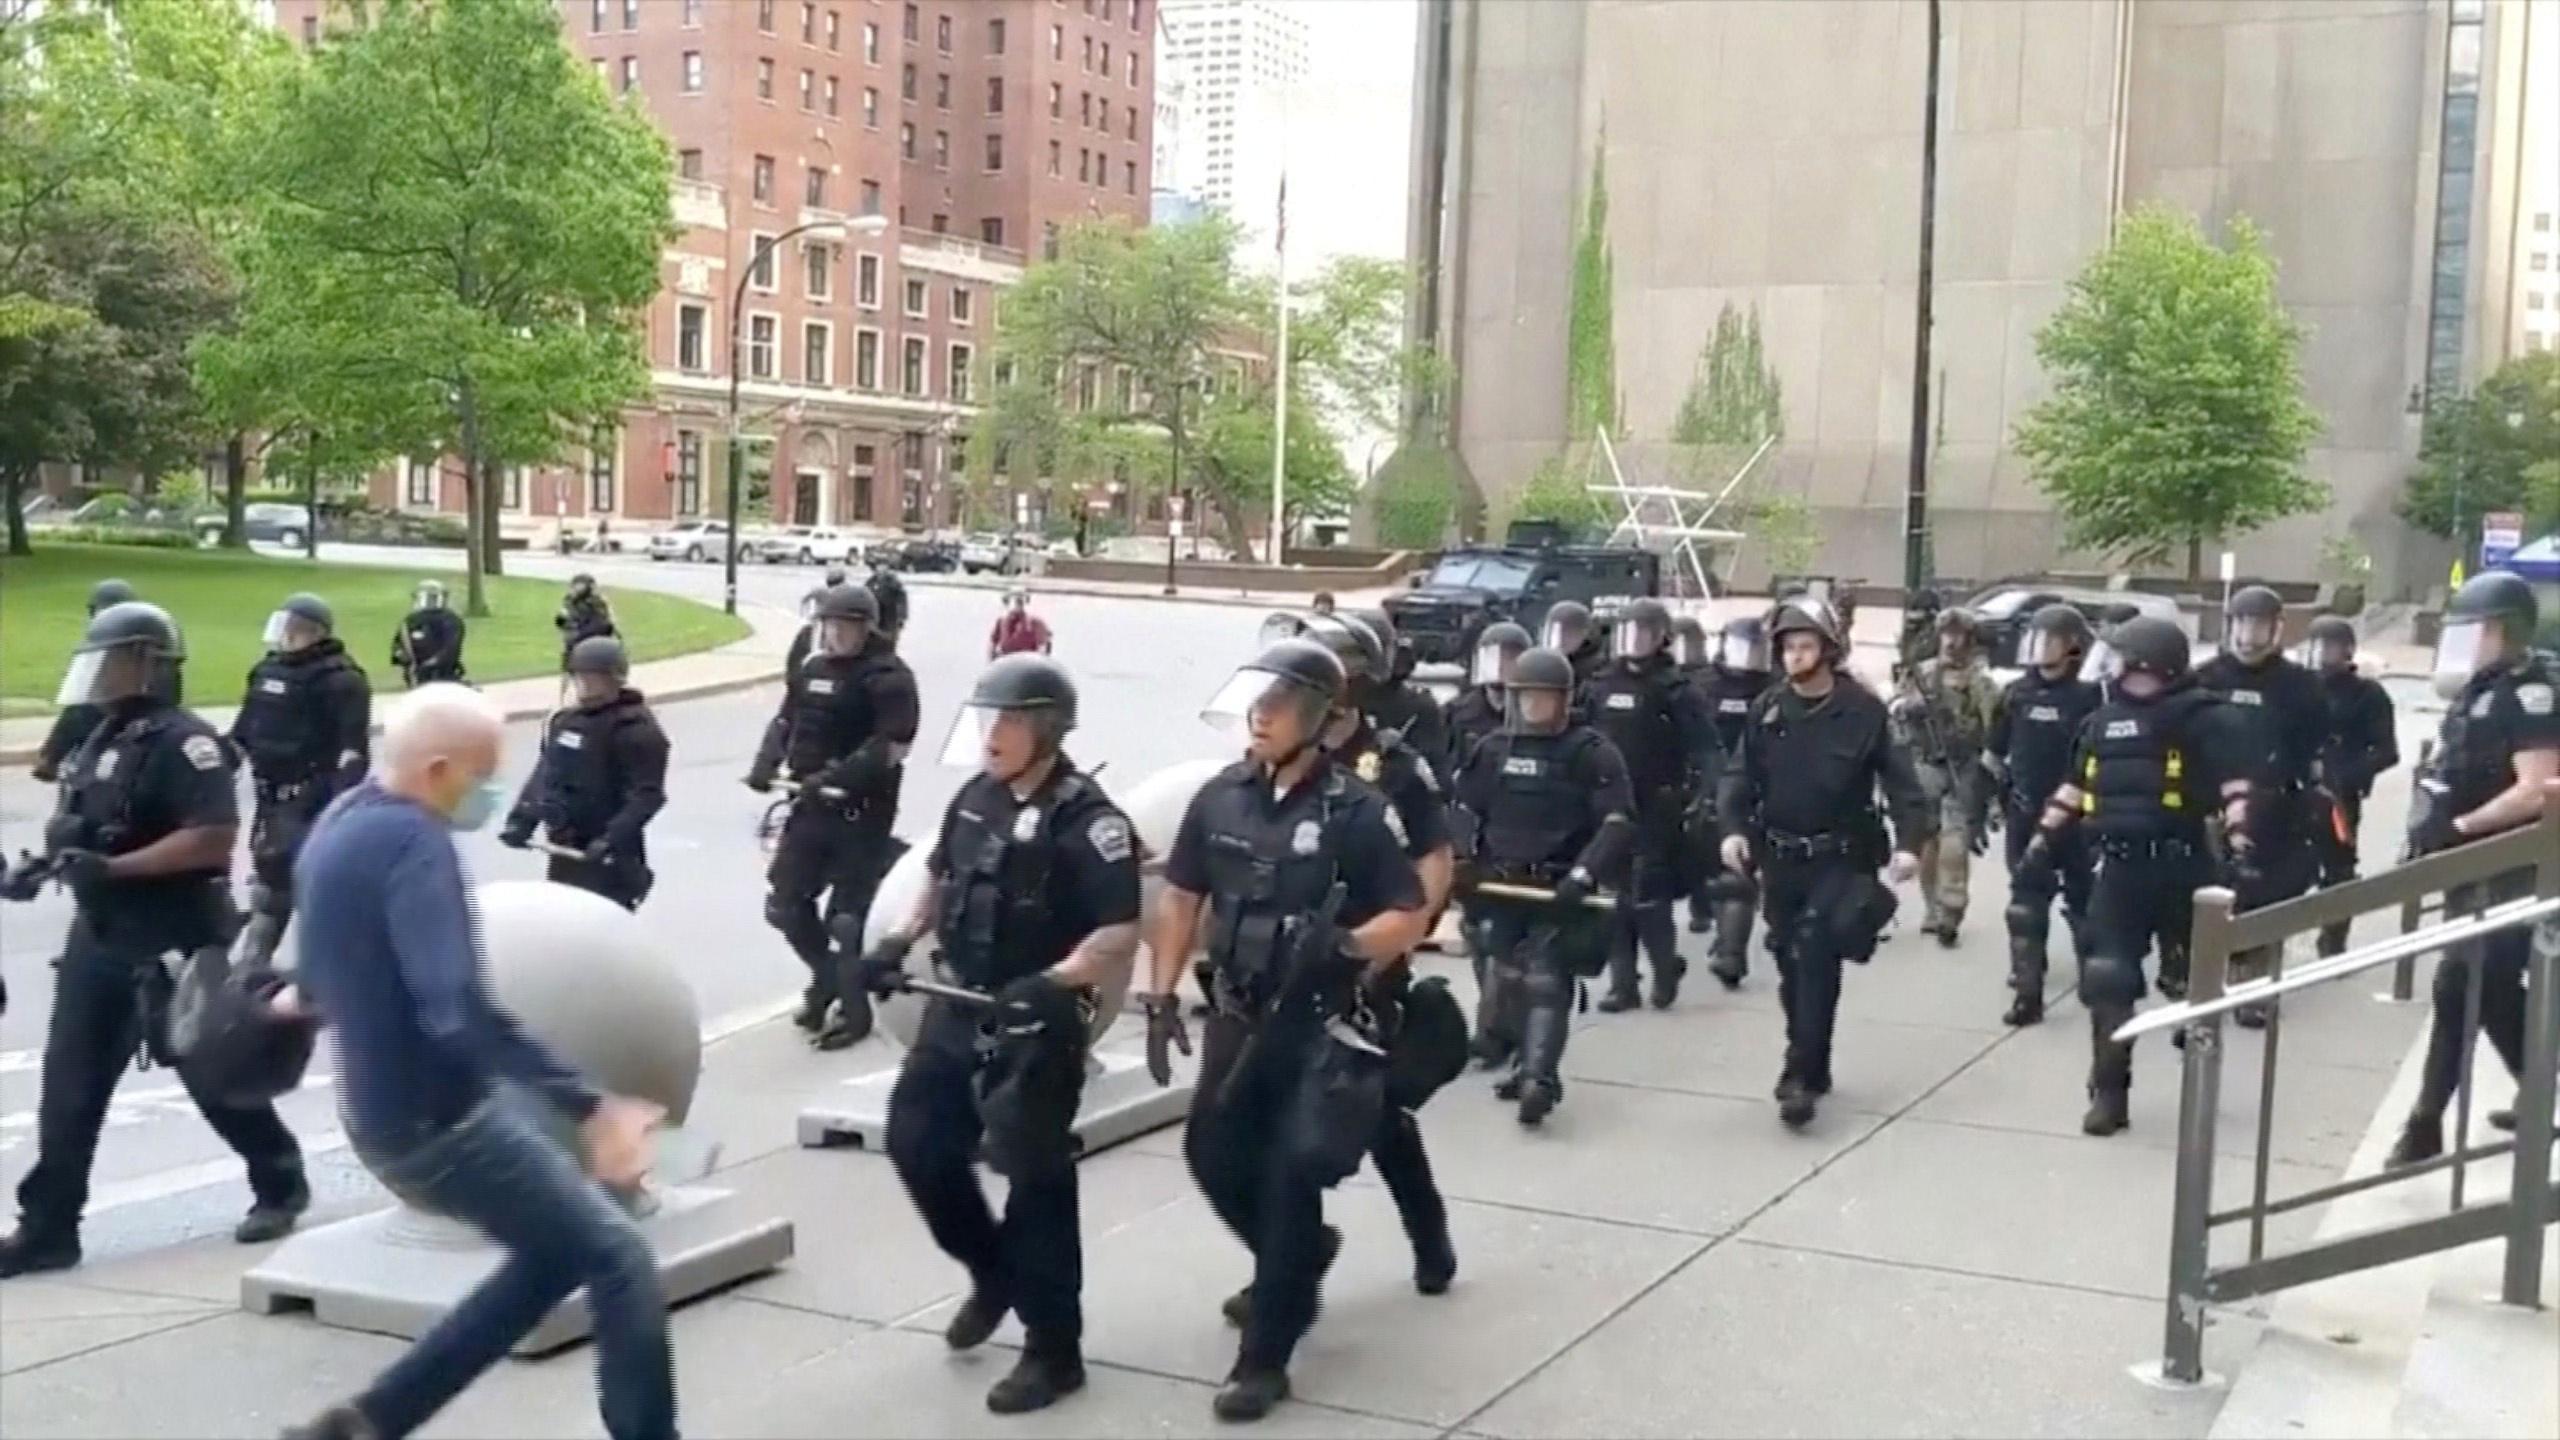 Des policiers de Buffalo quittent l'unité pour protester contre la suspension de leurs collègues: des informations